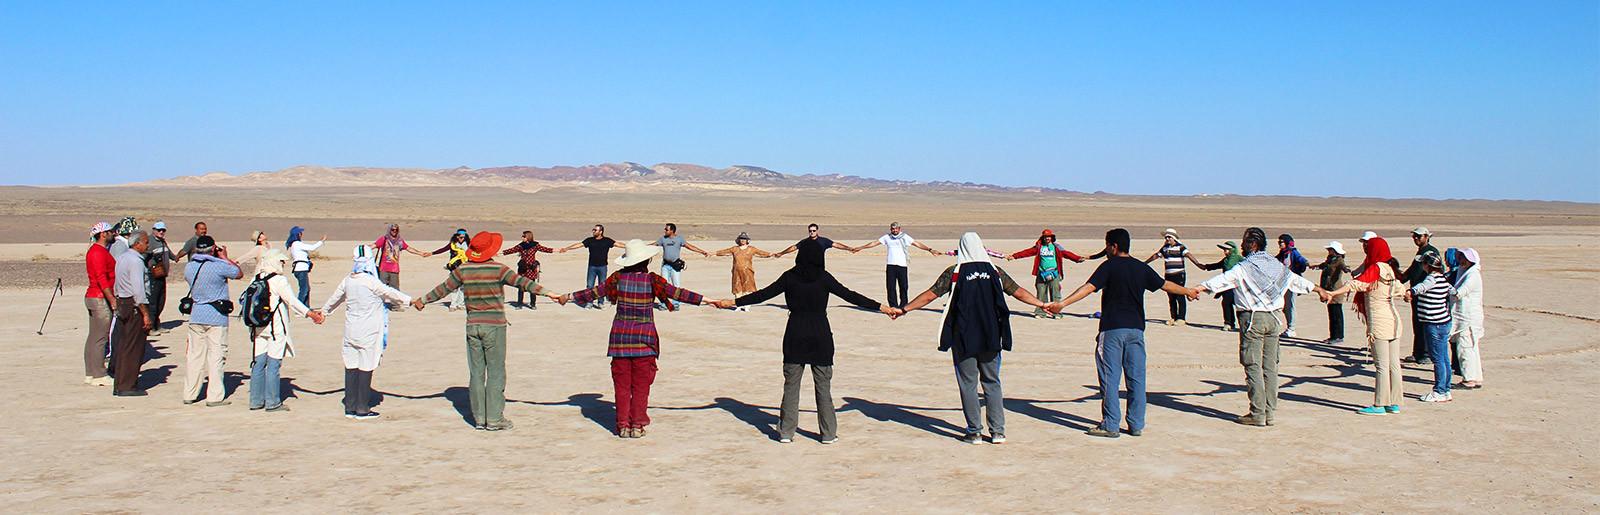 تور کویر مرکزی ایران